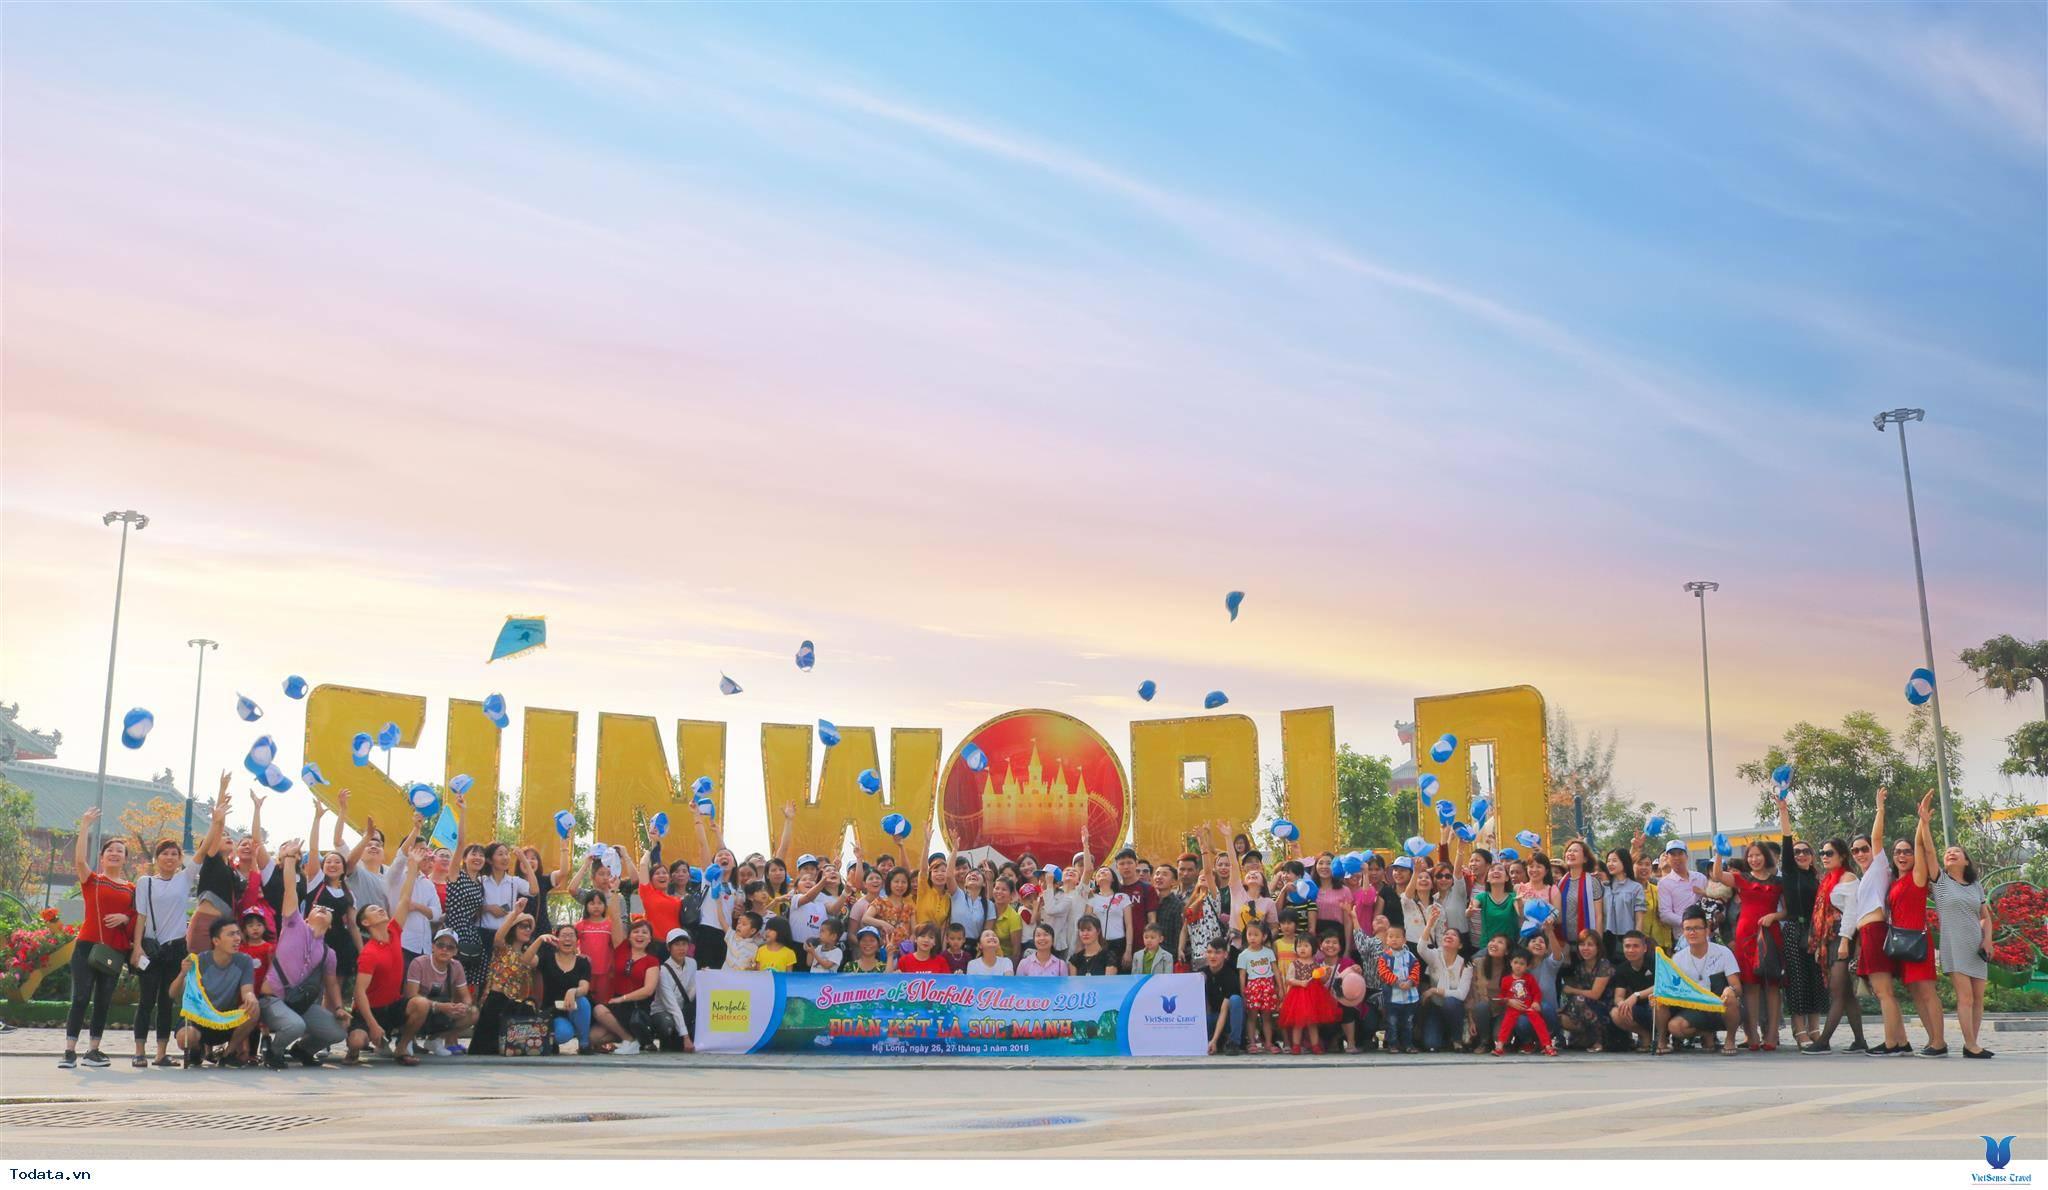 CÔNG TY CỔ PHẦN NORFOLK HATEXCO - Tour Hạ Long 2018 - Ảnh 1